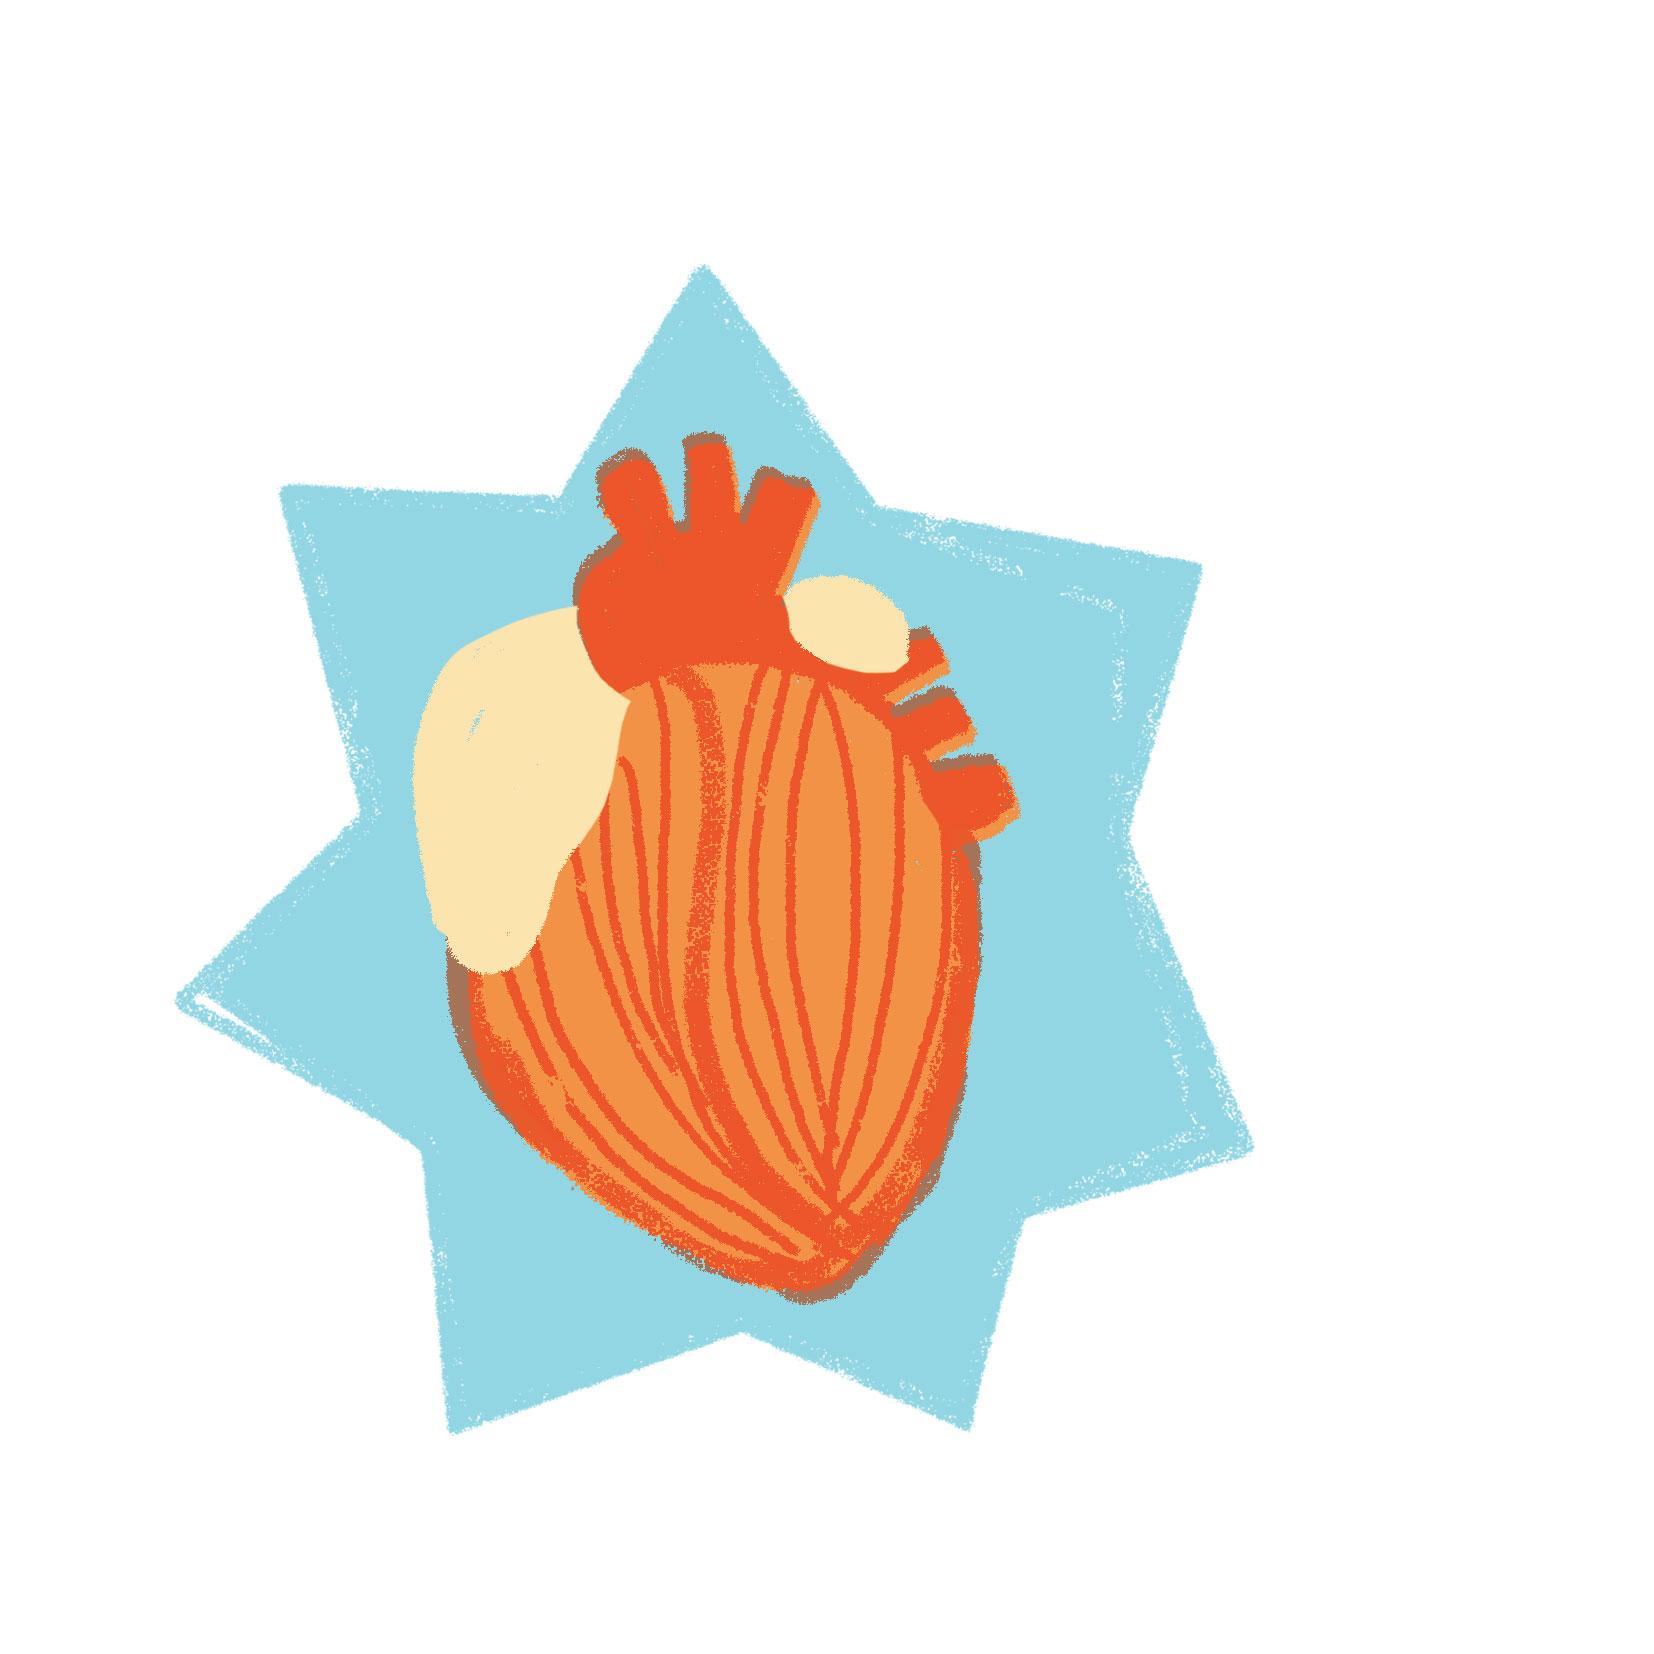 muscles_big_heart.jpg